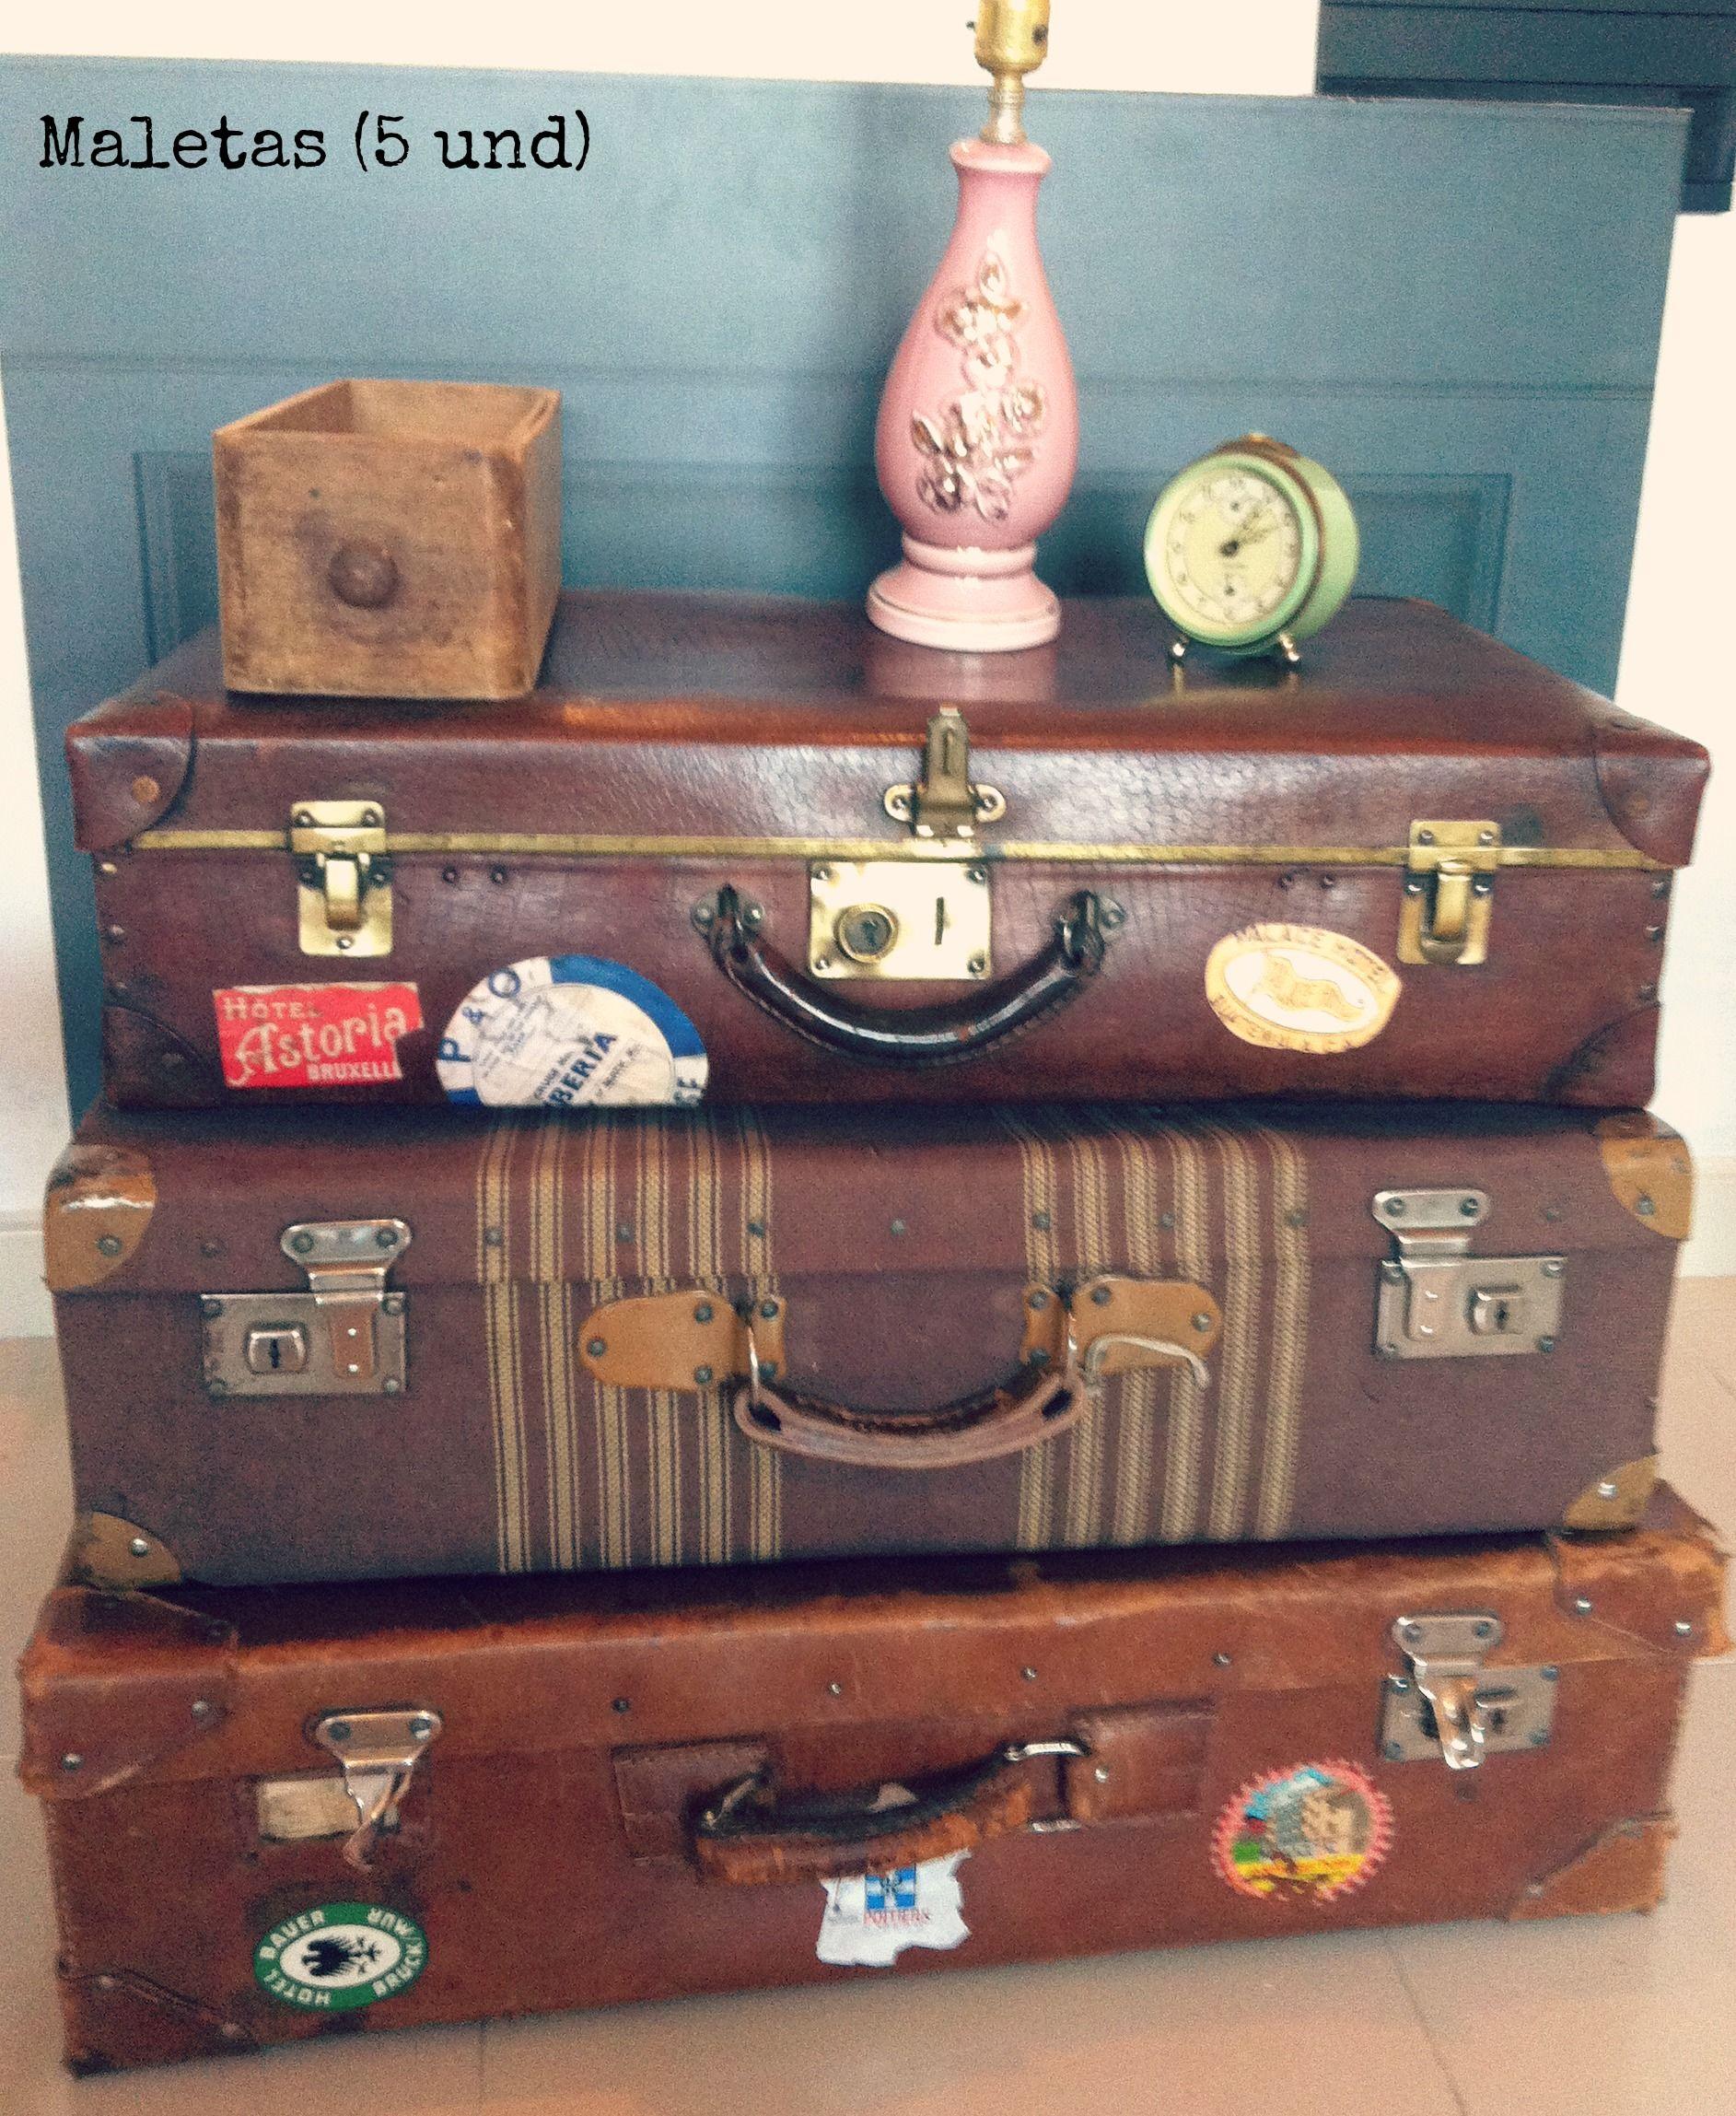 Maletas antiguas para decoraciones vintage pompom - Decoracion vintage reciclado ...